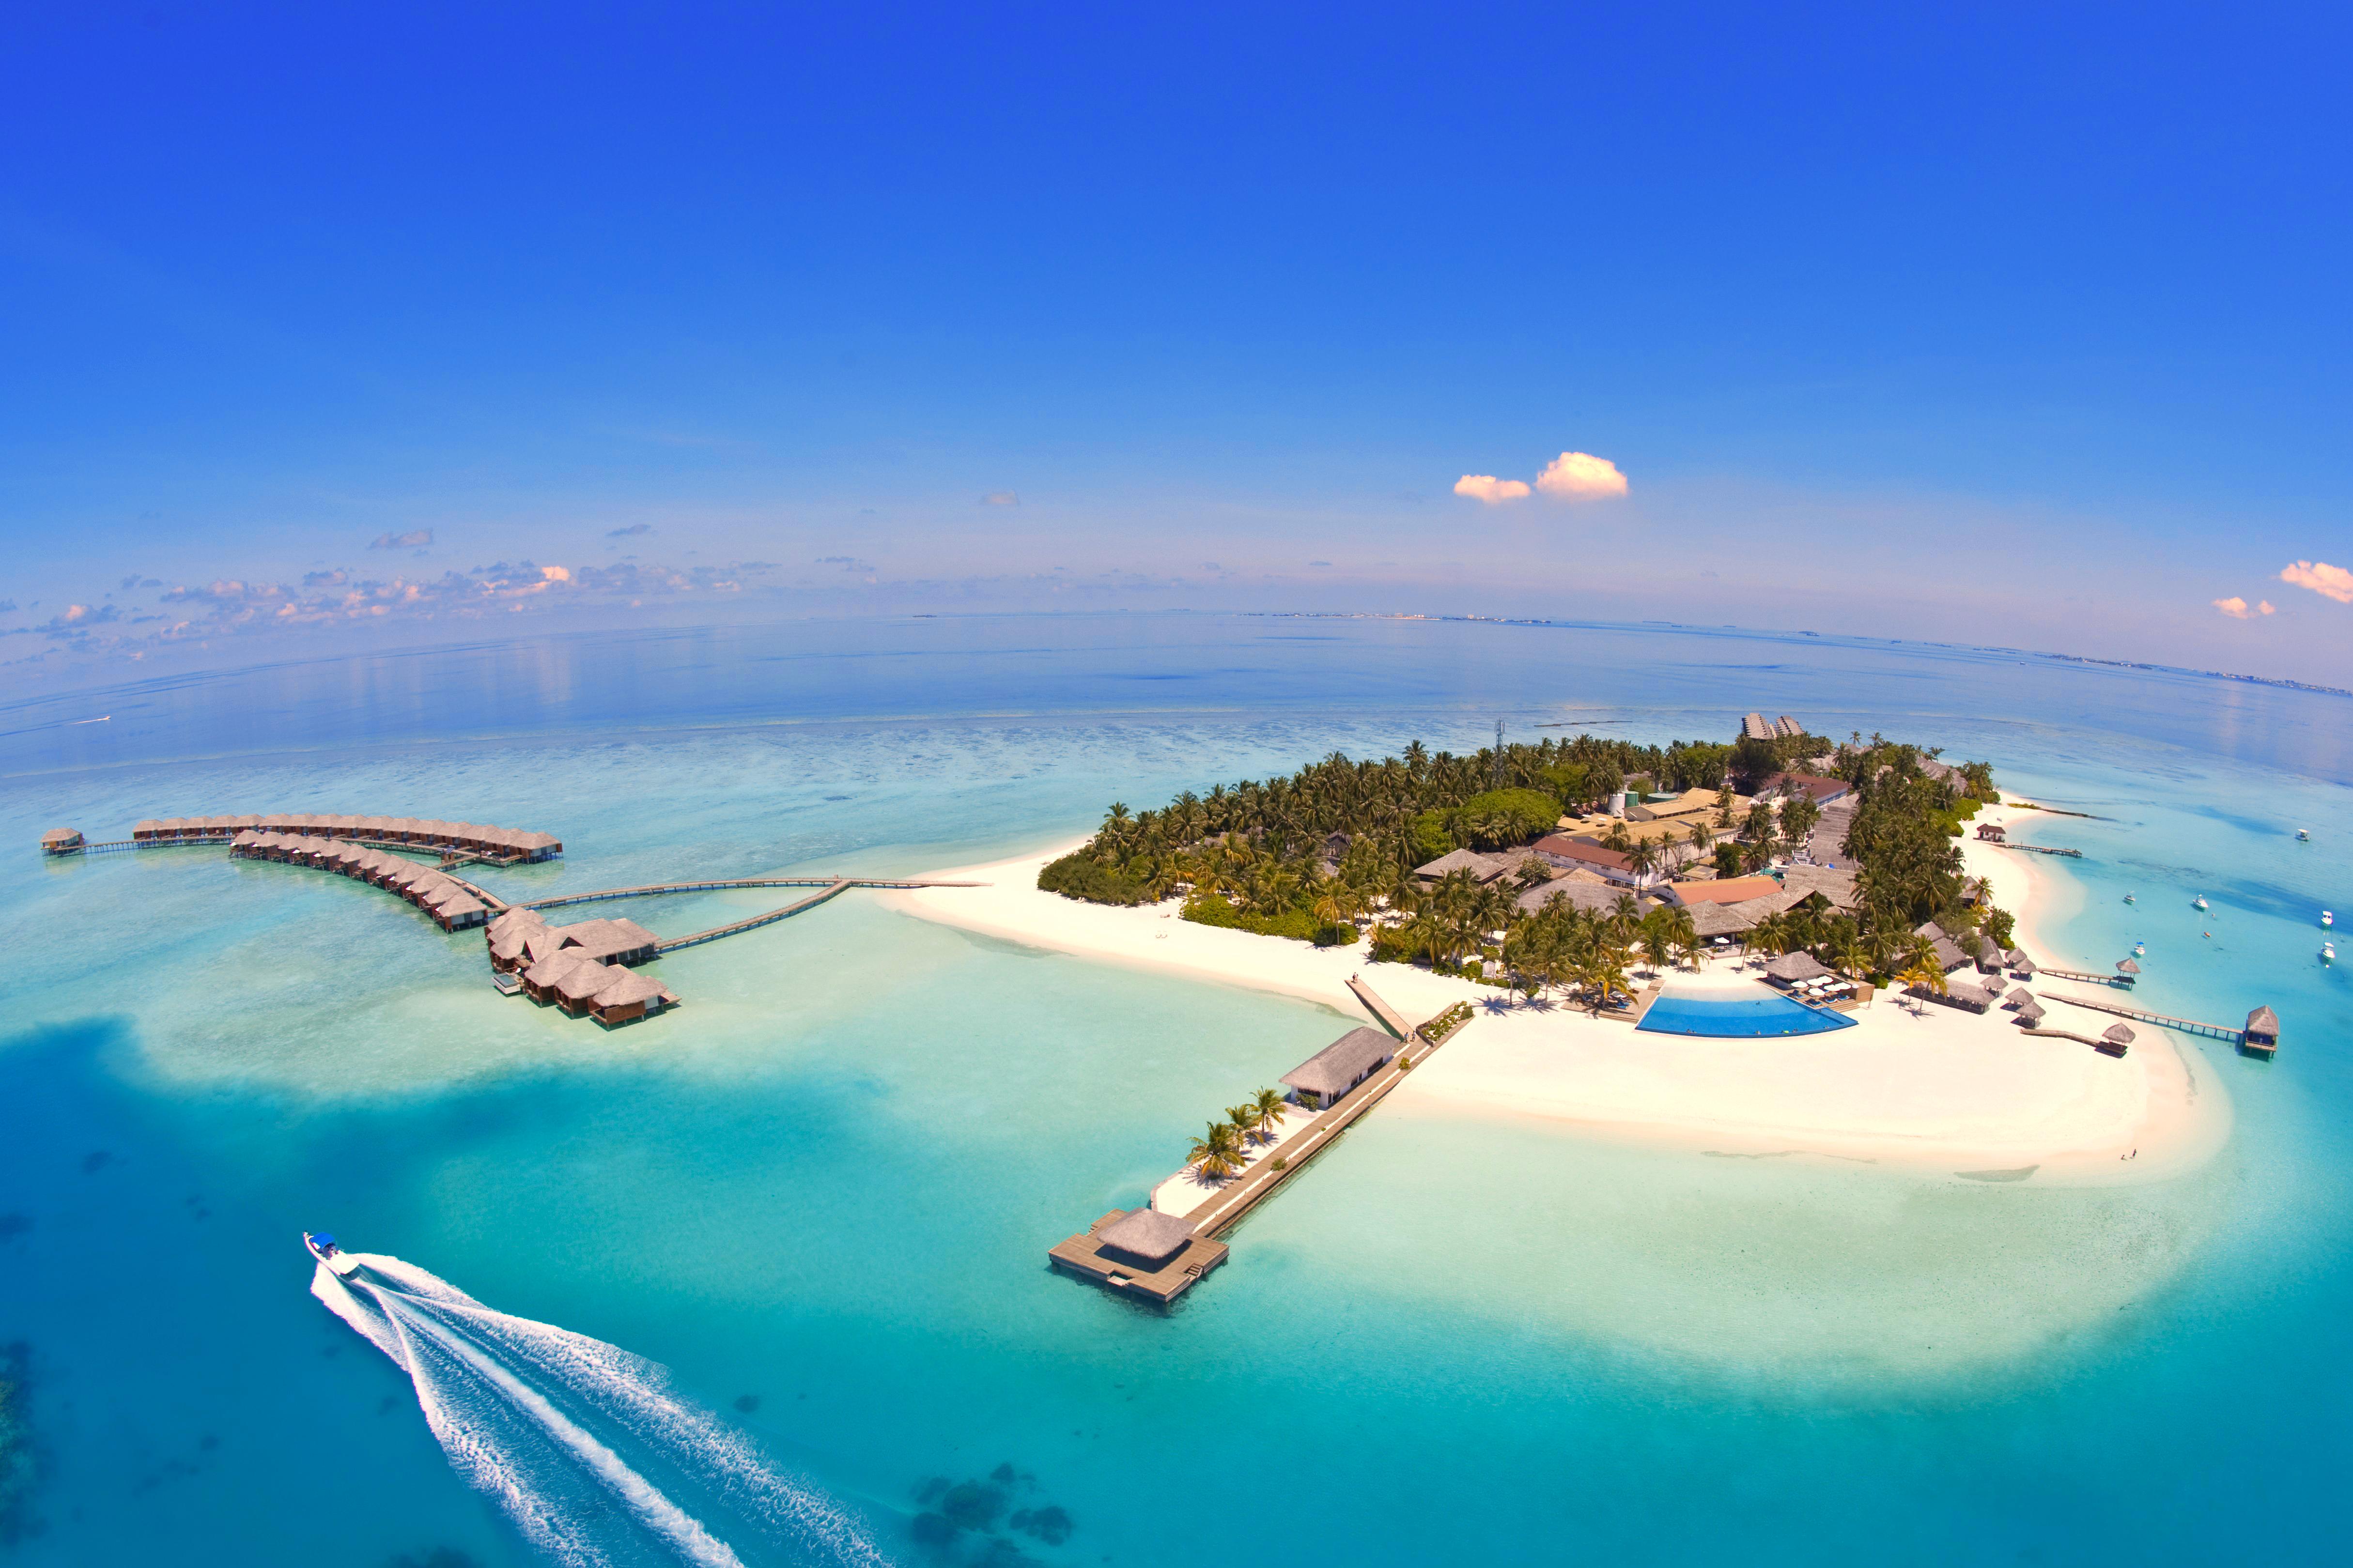 самые красивые курорты мира фото и названия руководства отделения